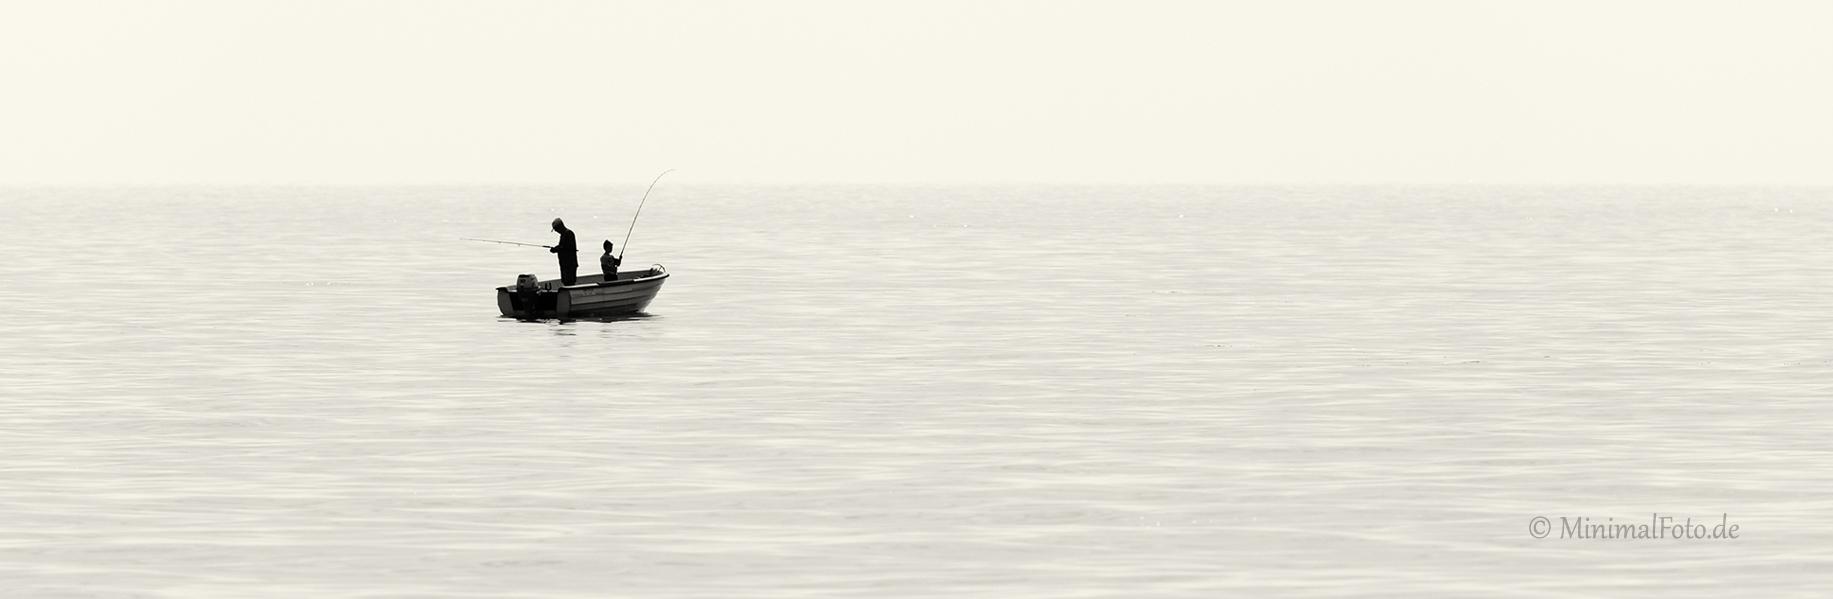 Meer-sea-Vater-sohn-fischen-fishing-angeln-boot-father-son-See-Lake-Minimalismus-minimalistisch-minimalistic-people-Menschen-Silhouette-black-white-schwarz-weiss-1_DSC0121a-sw